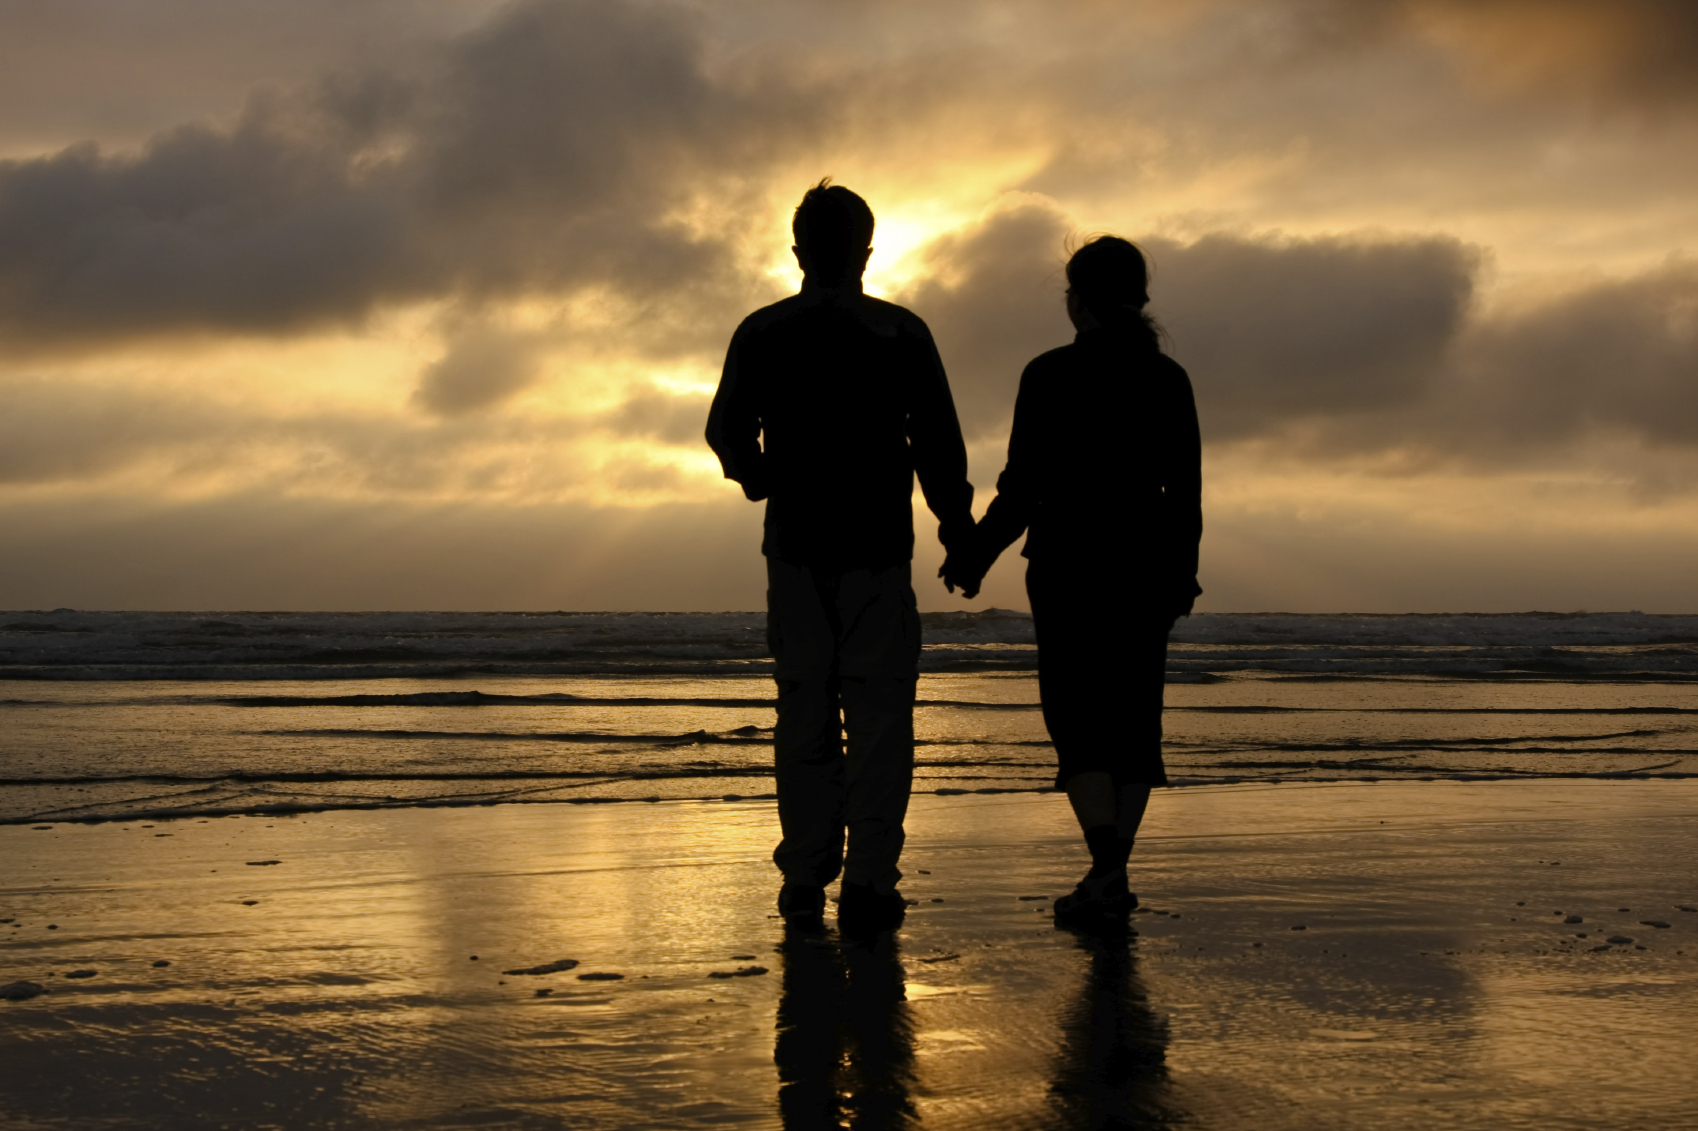 Enamorados viendo el atardecer en la playa